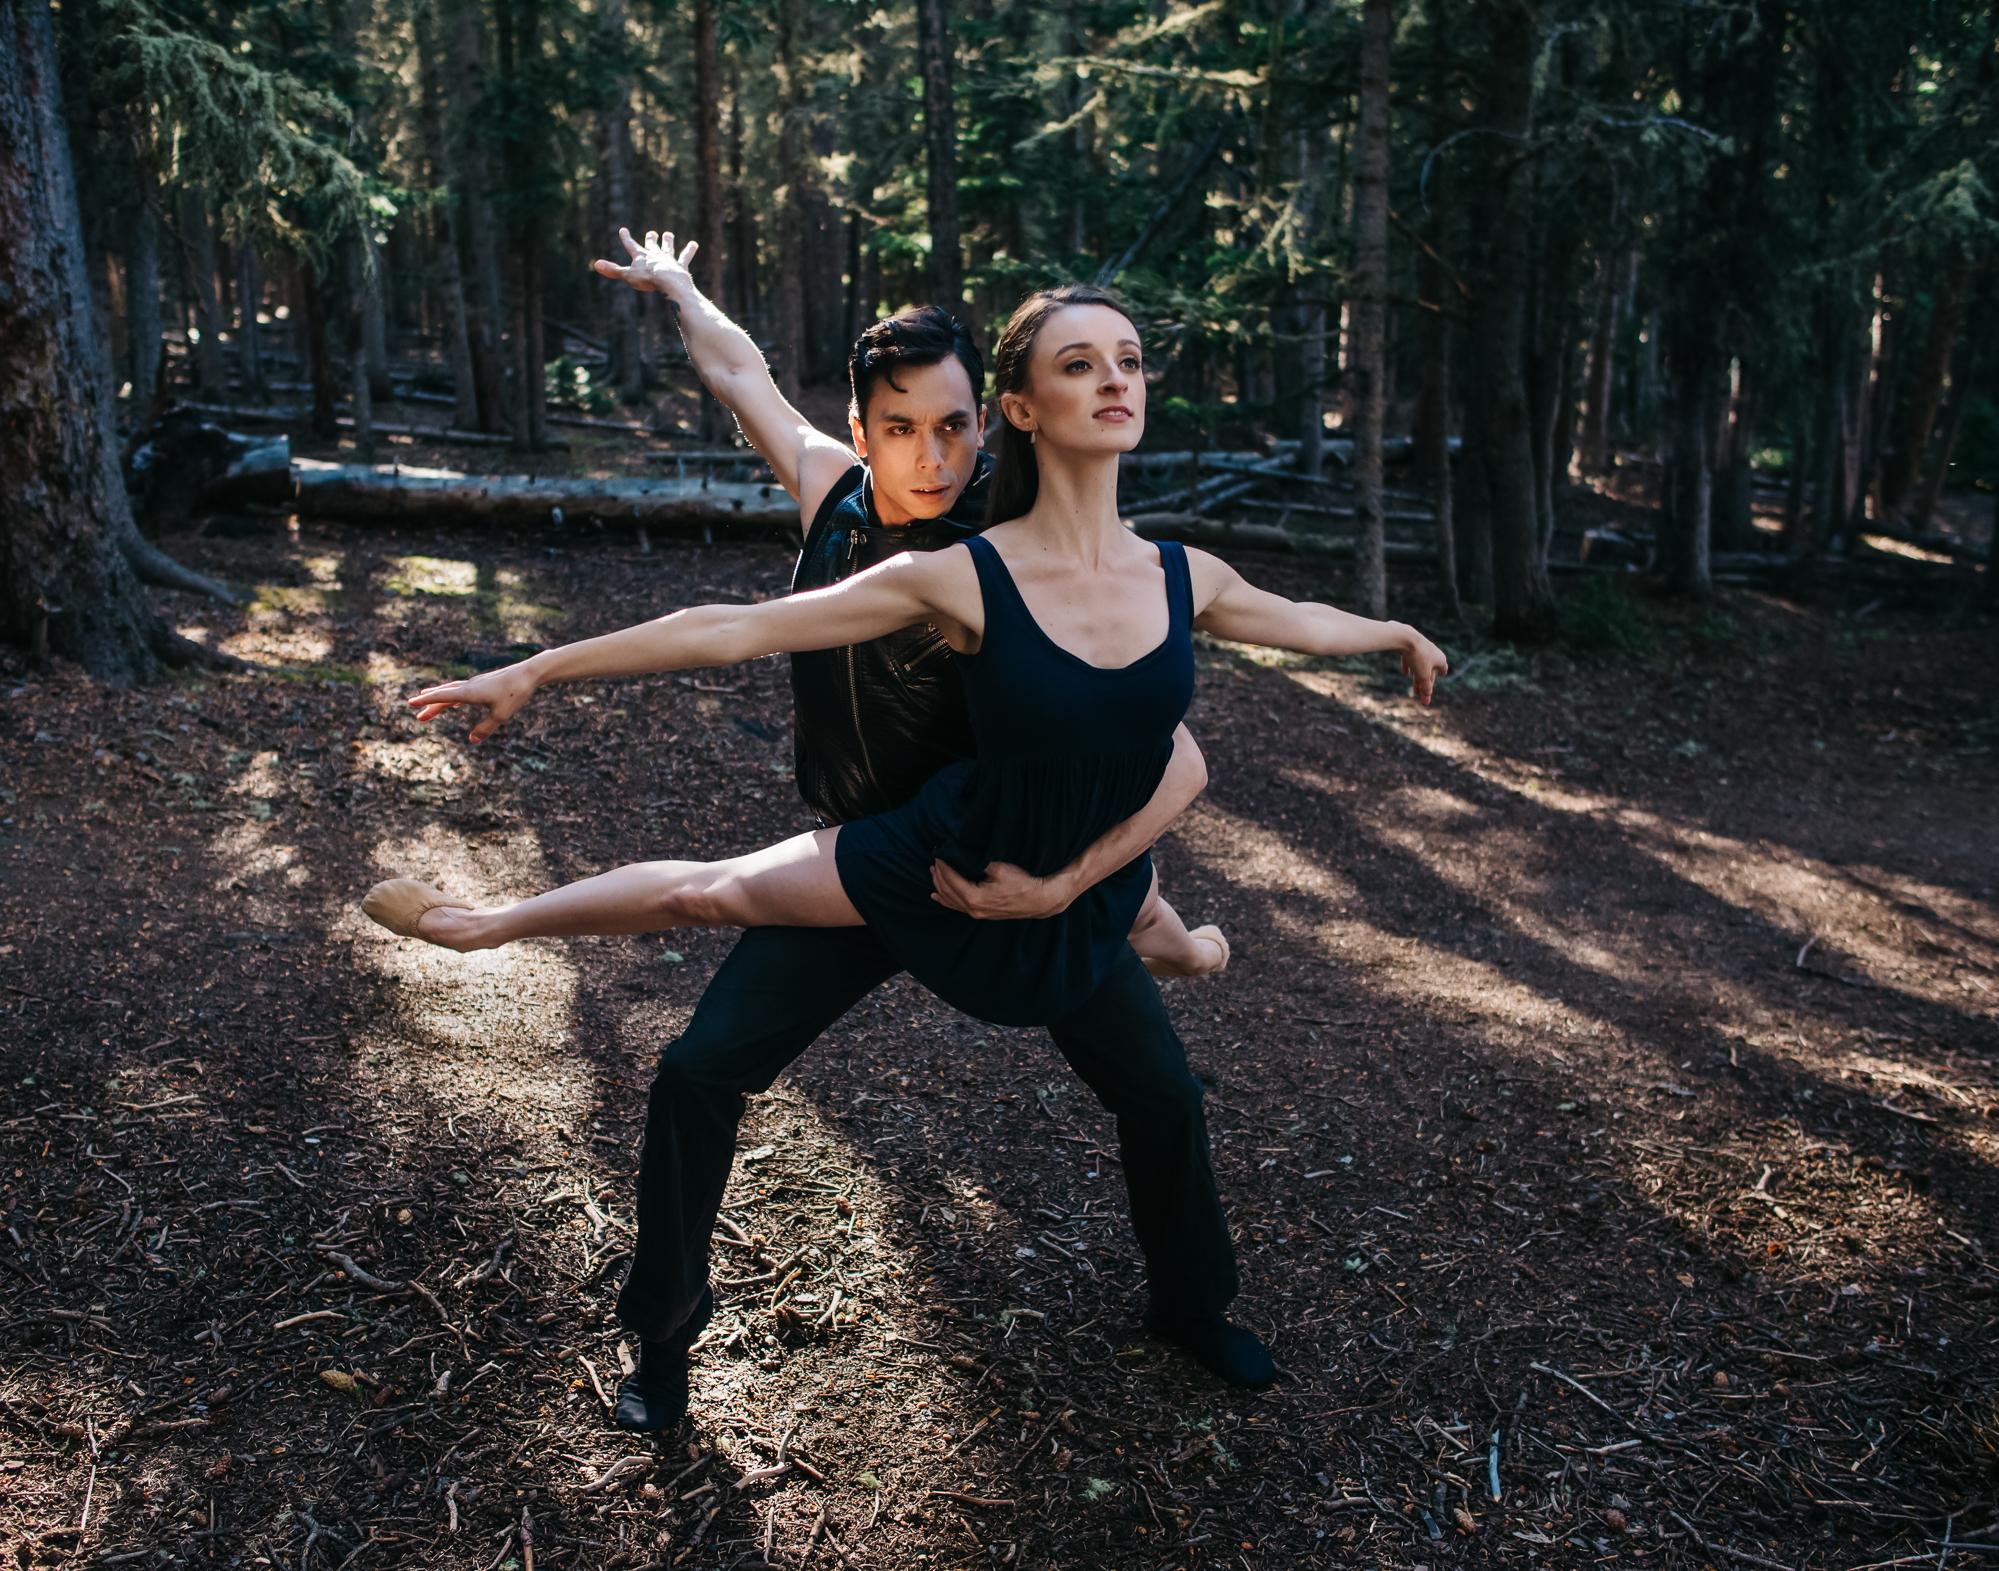 Dance Photographer Denver, Colorado